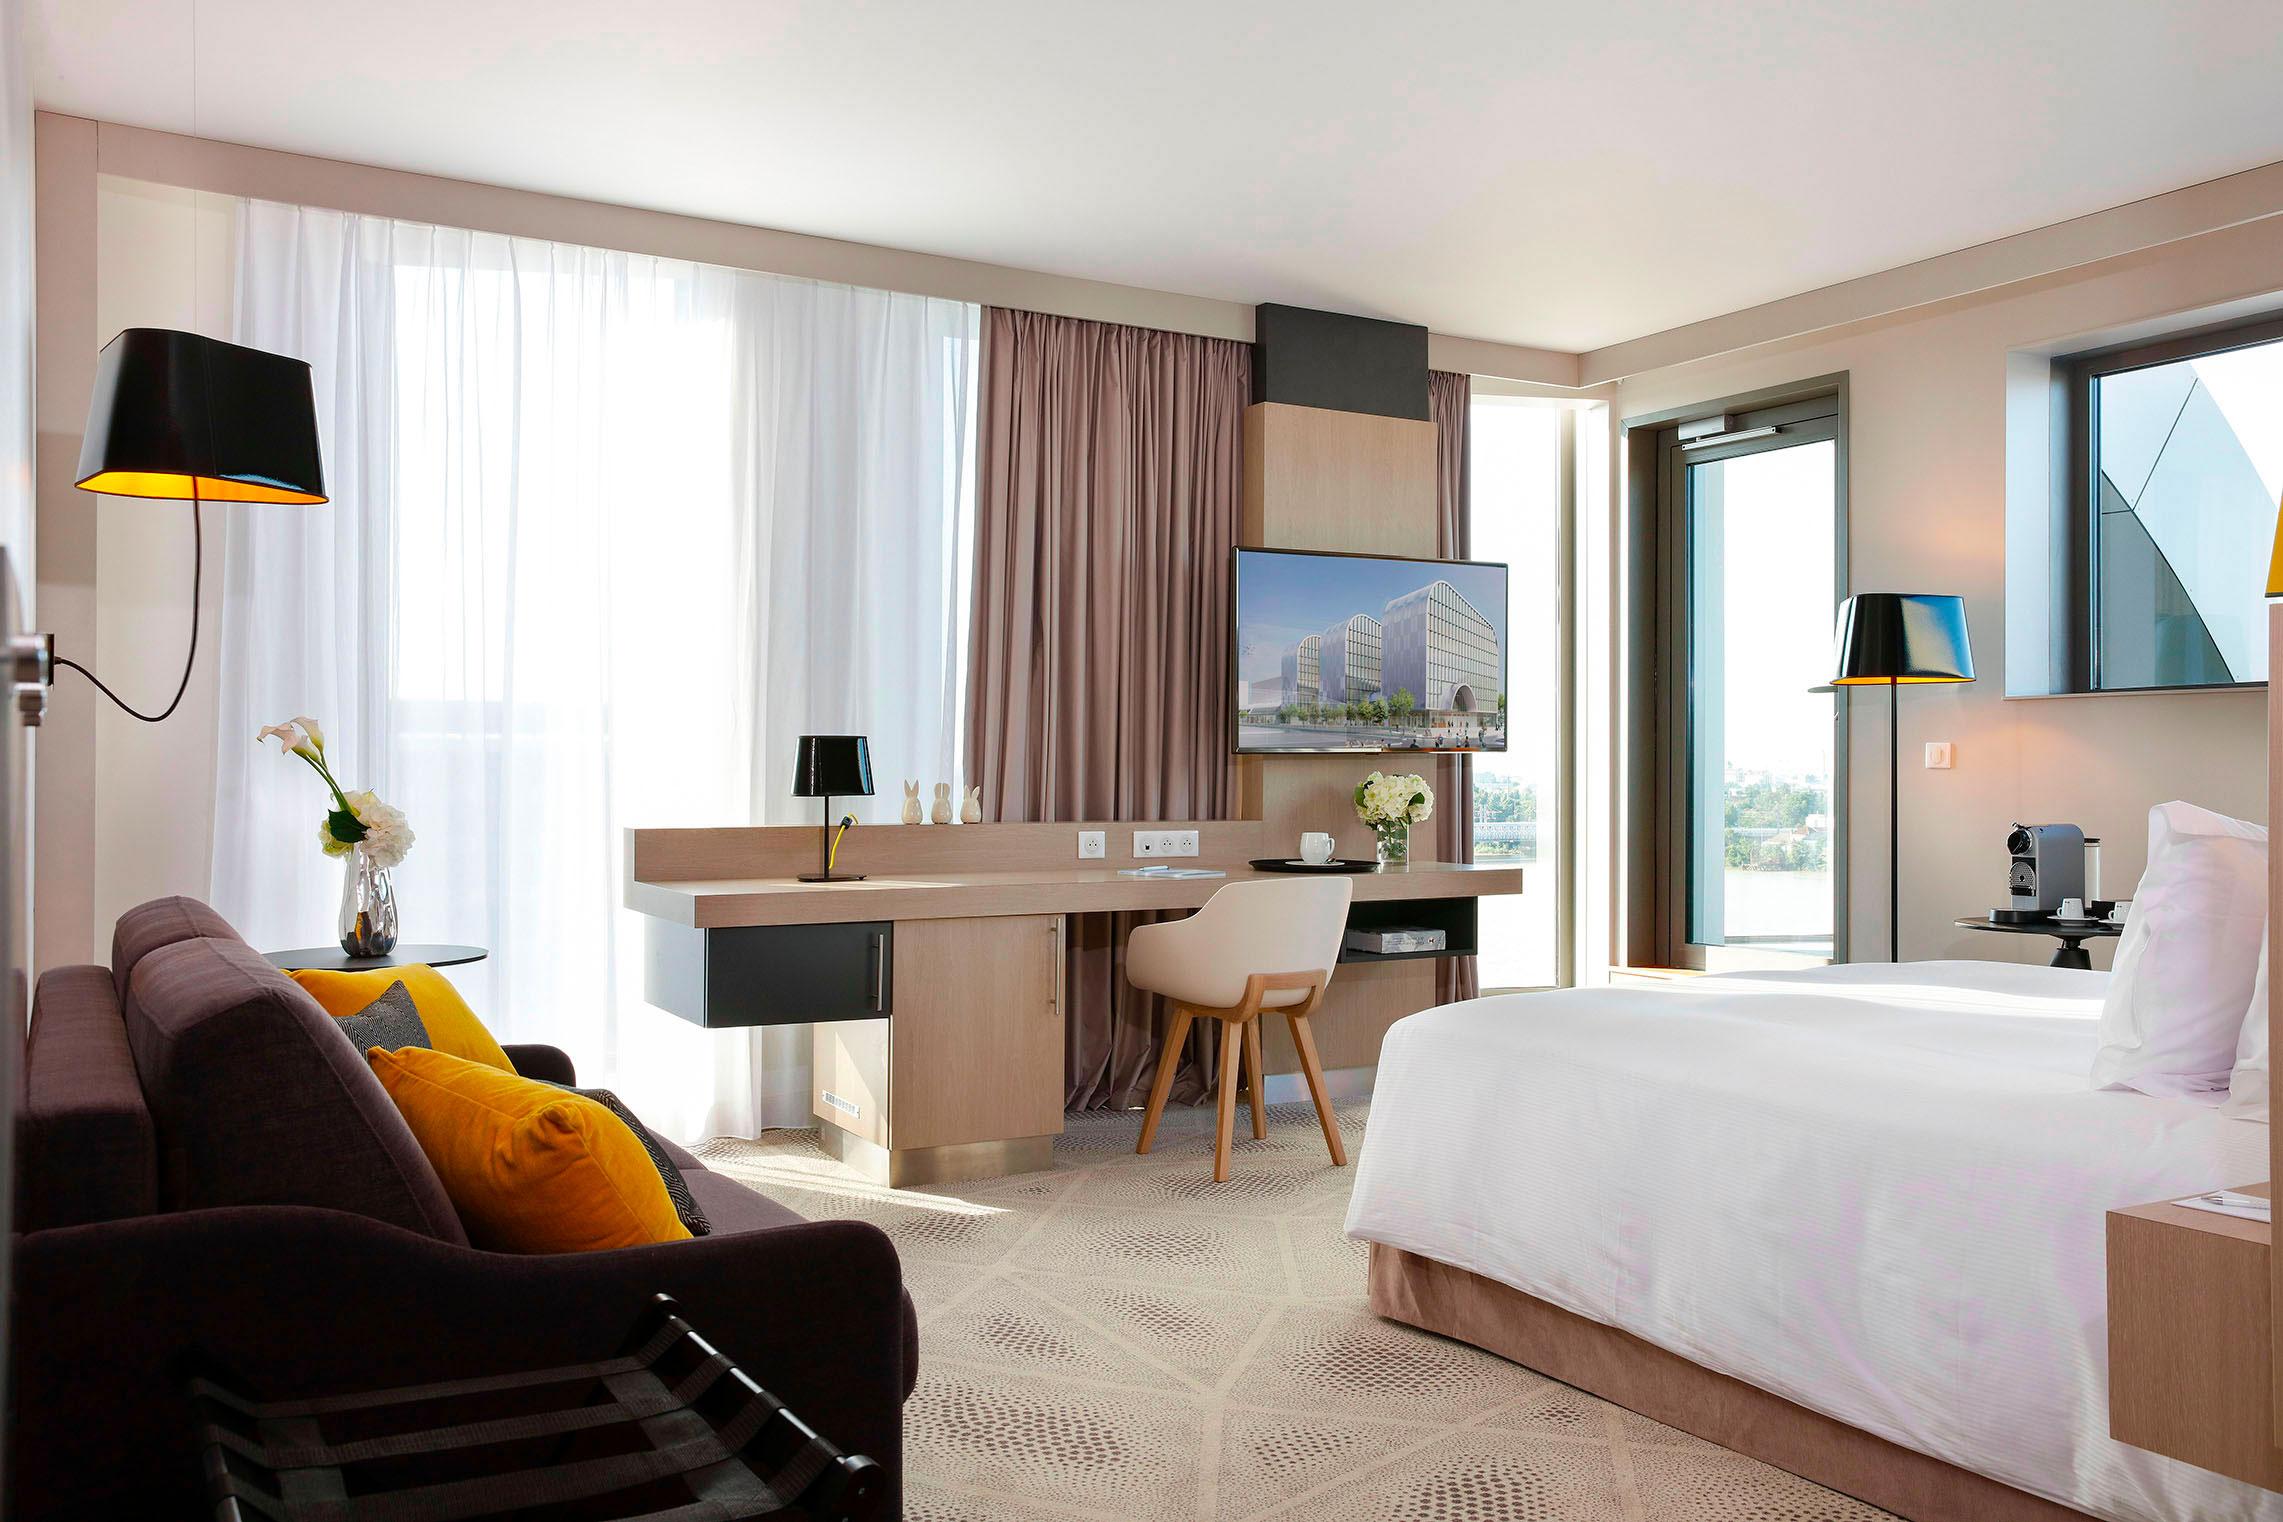 Hilton Garden Inn Bordeaux Centre - Suite Junior avec Terrasse - Vue d'ensemble - Nuit romantique Bordeaux